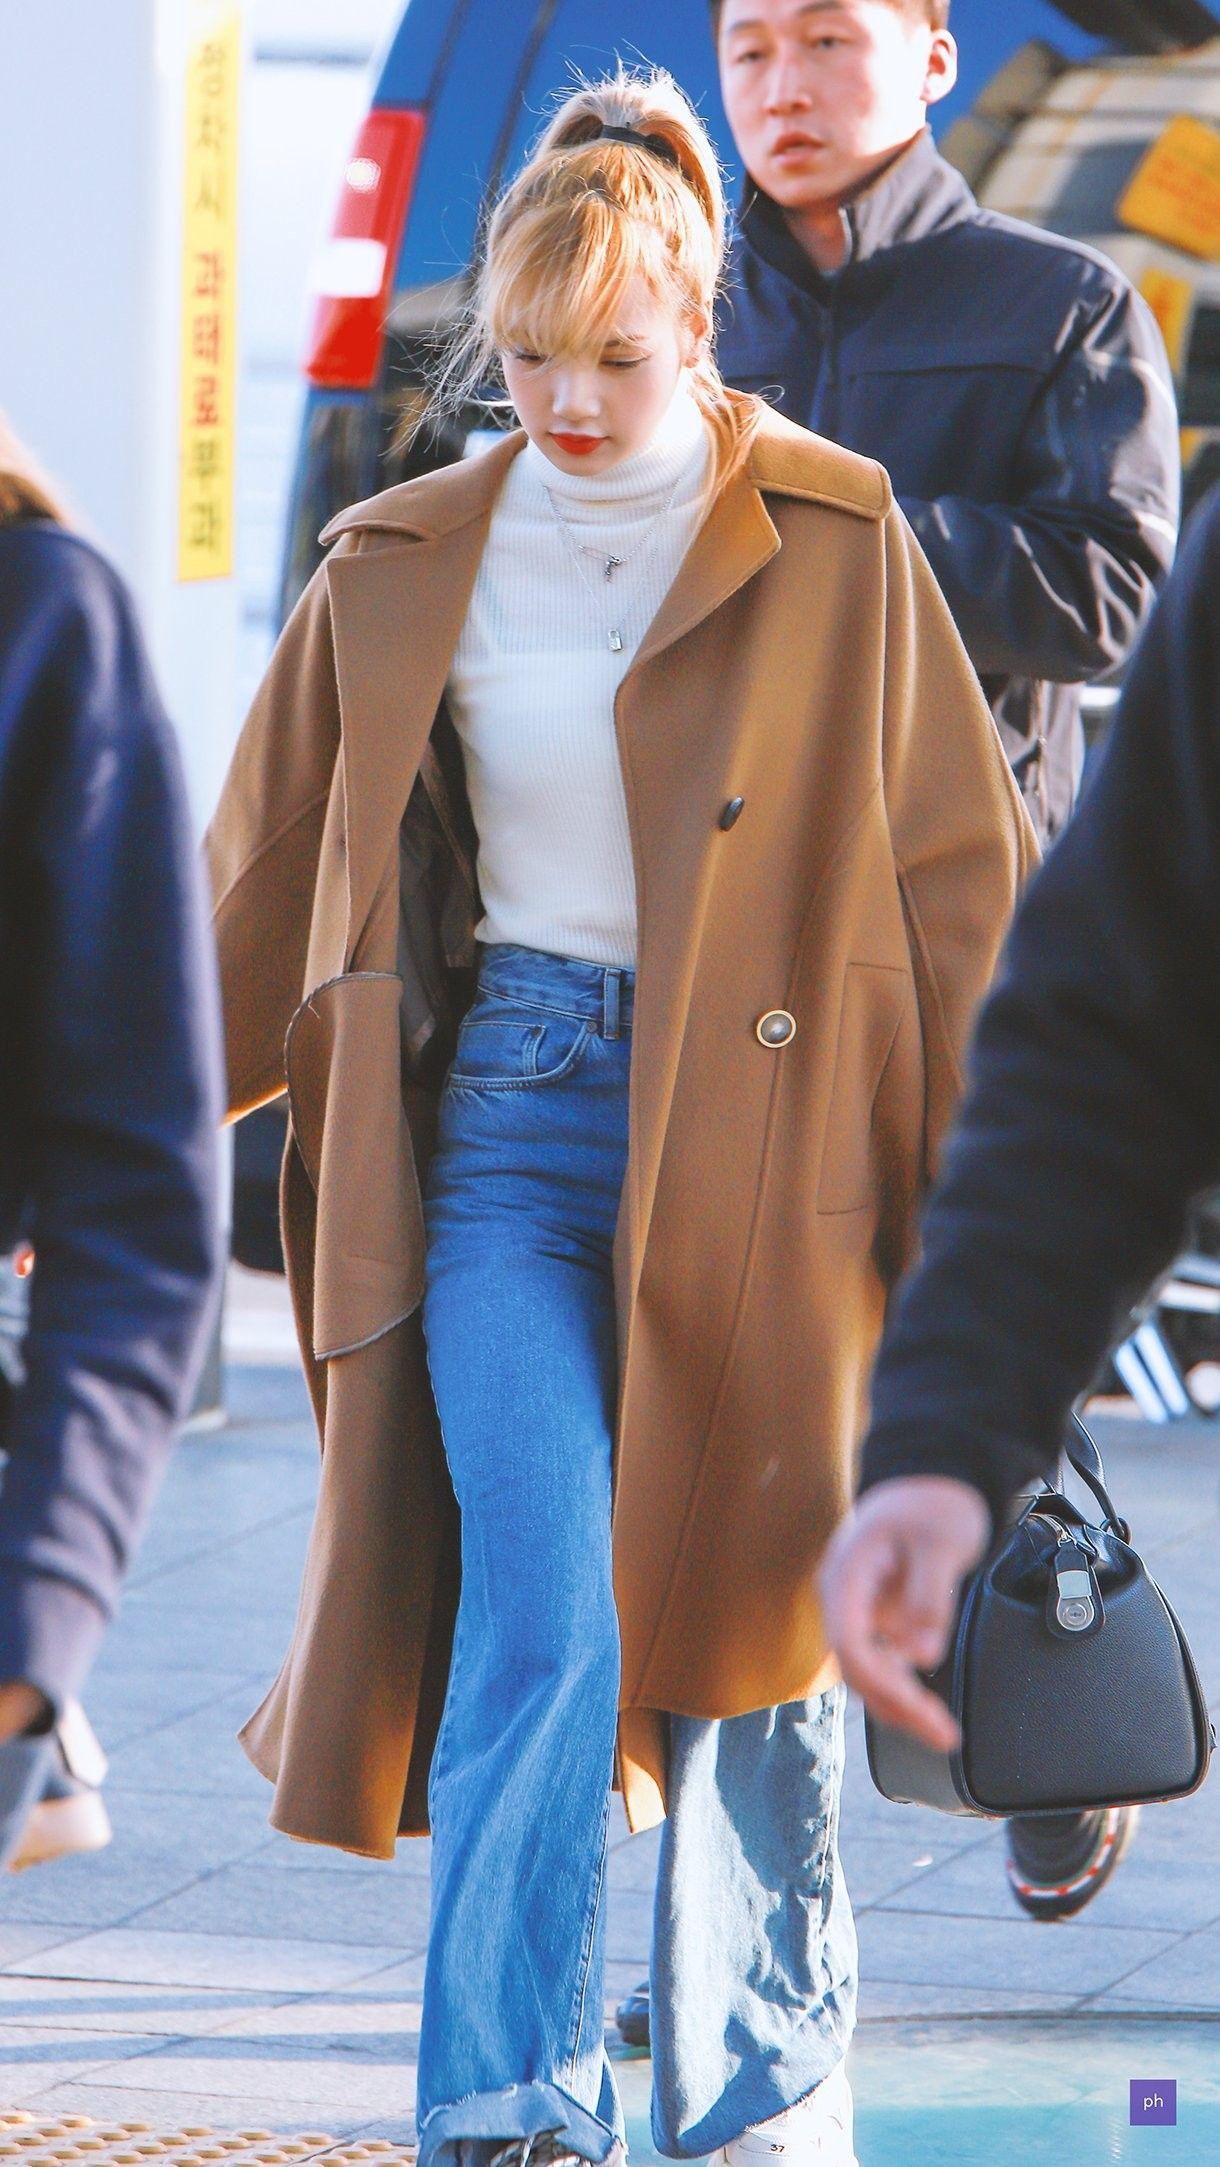 Lisa diện áo cổ lọ và jeans ống rộng